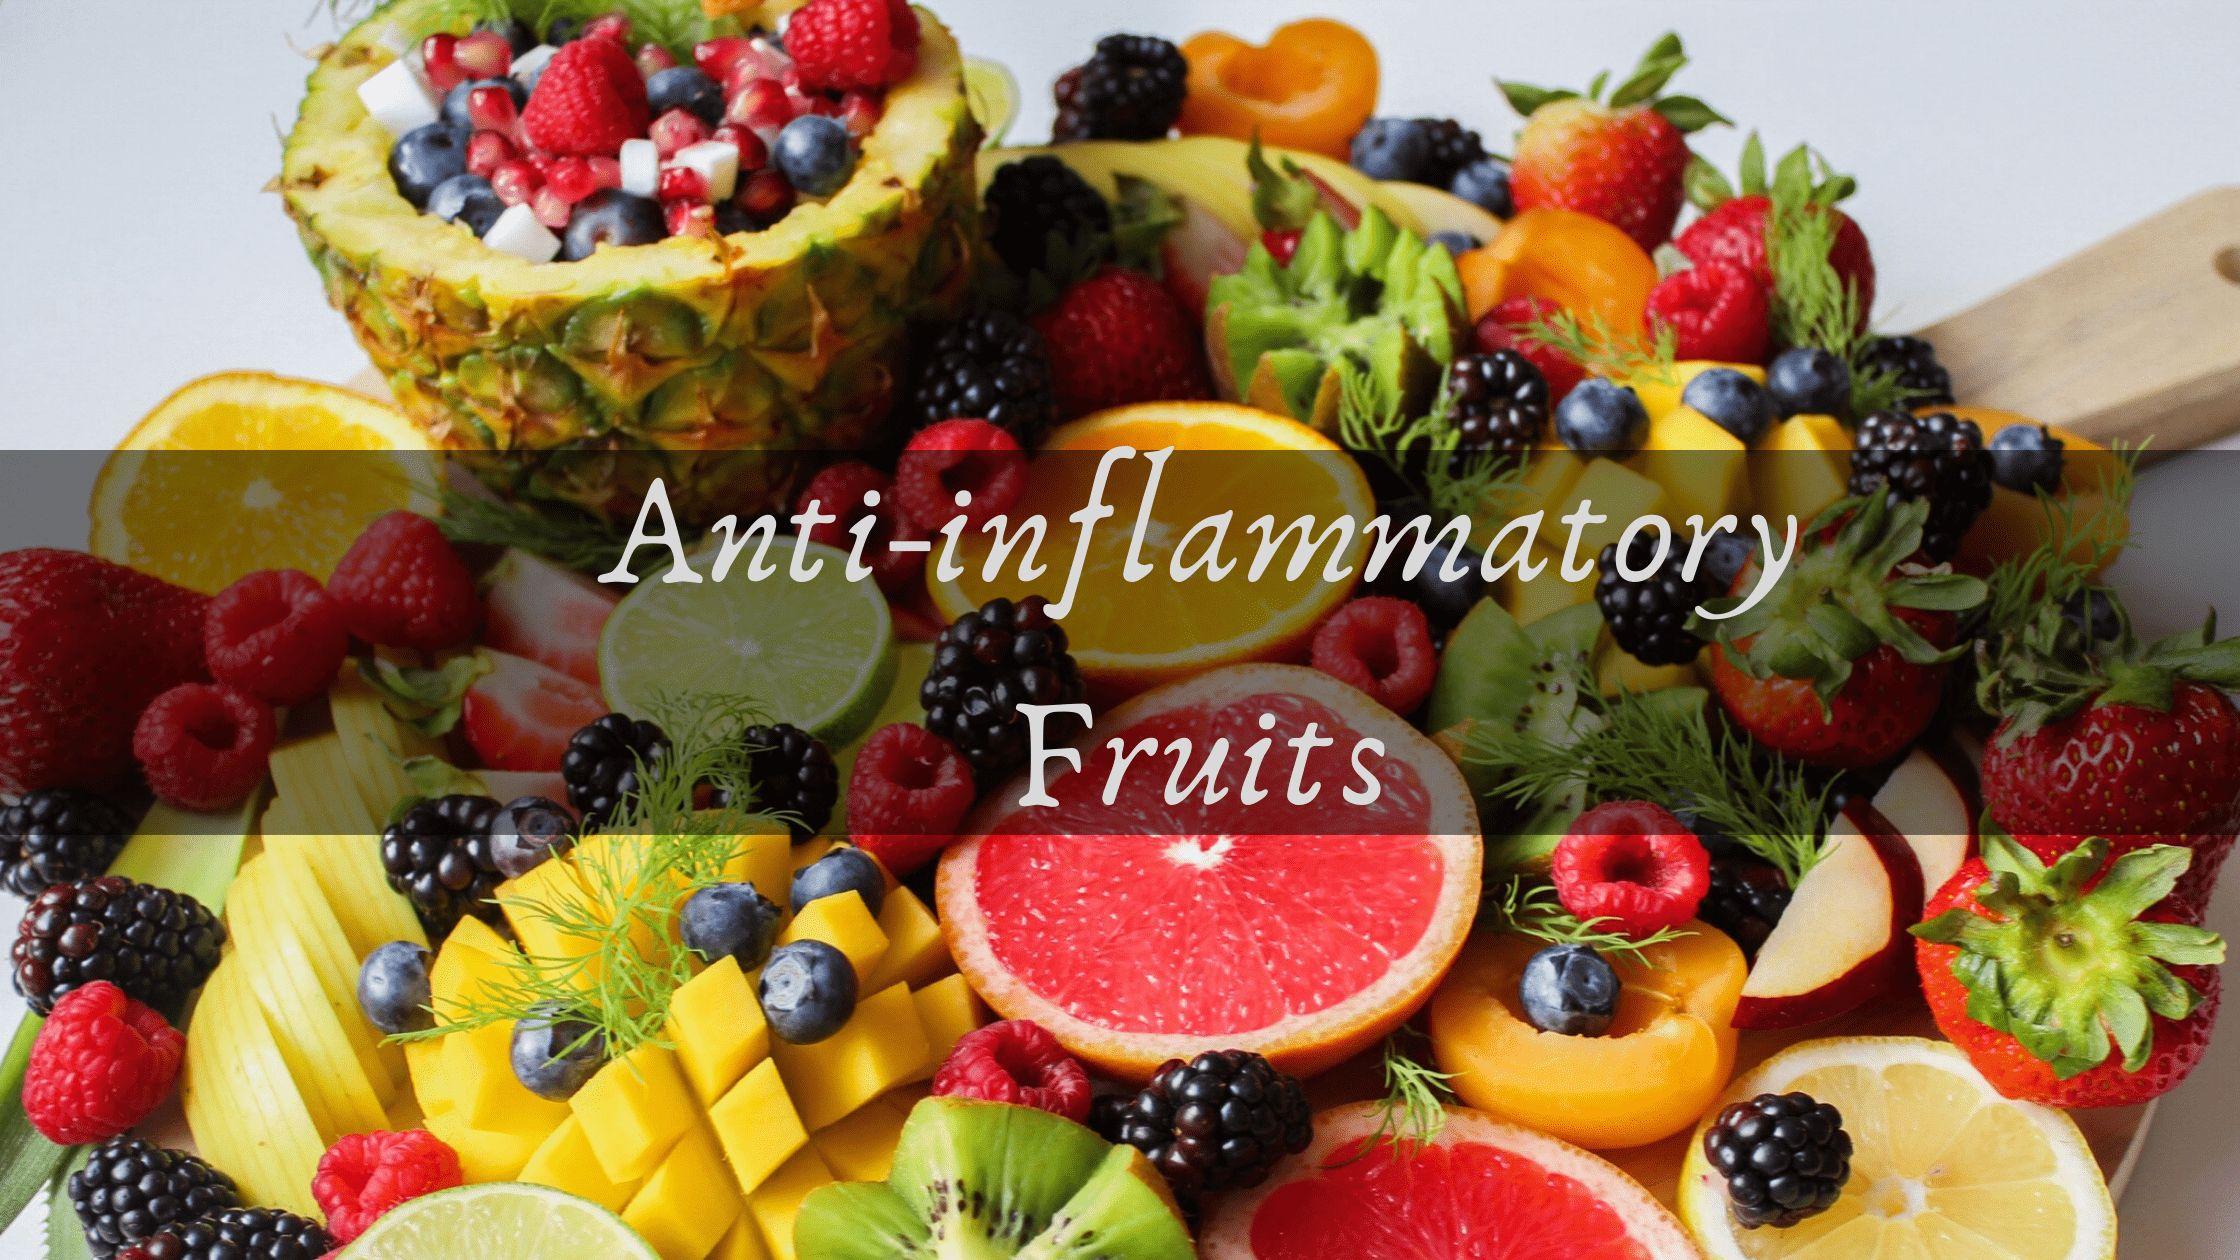 Anti Inflammatory fruits